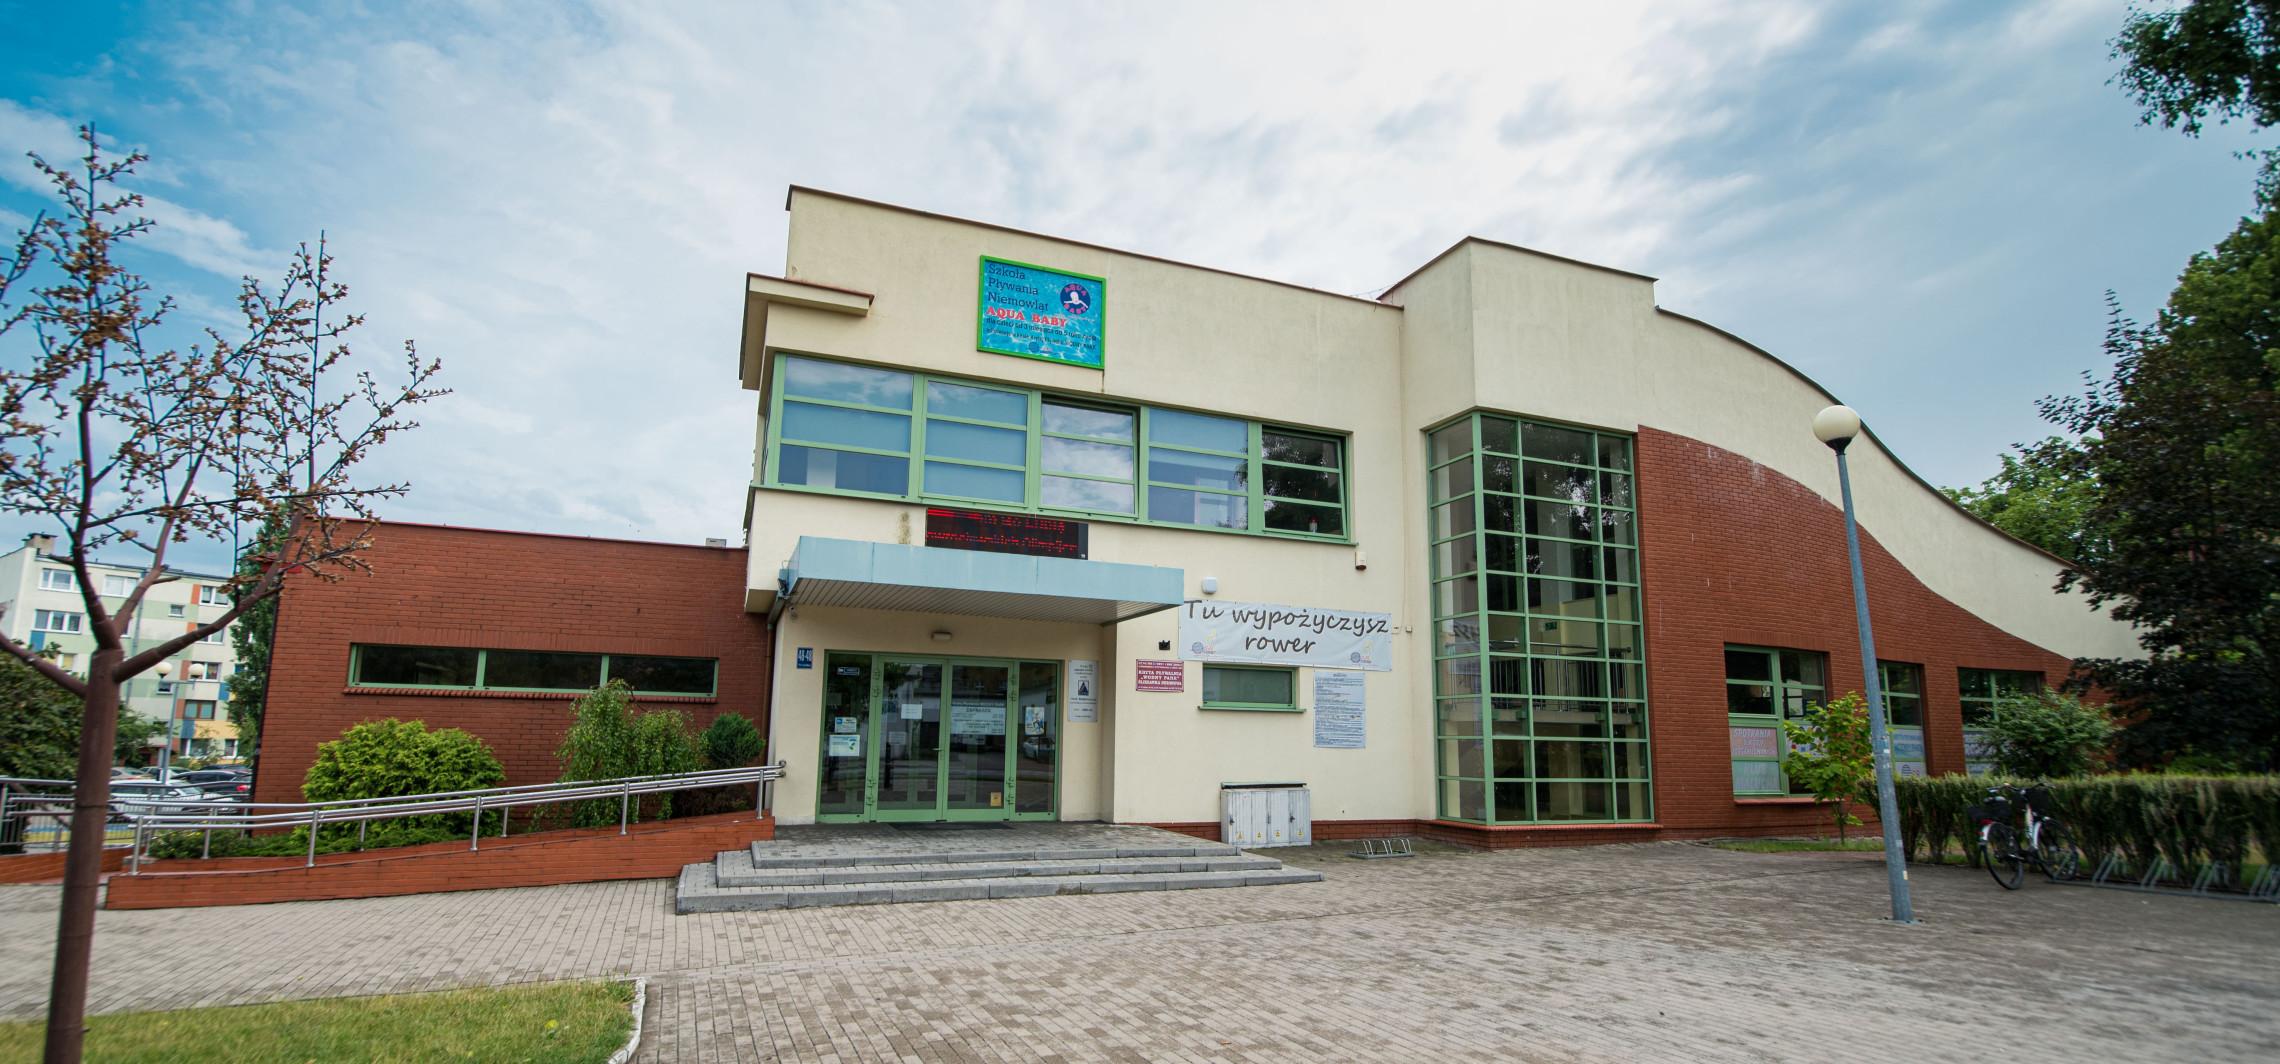 Inowrocław - Wodny Park zamknięto po decyzji sanepidu